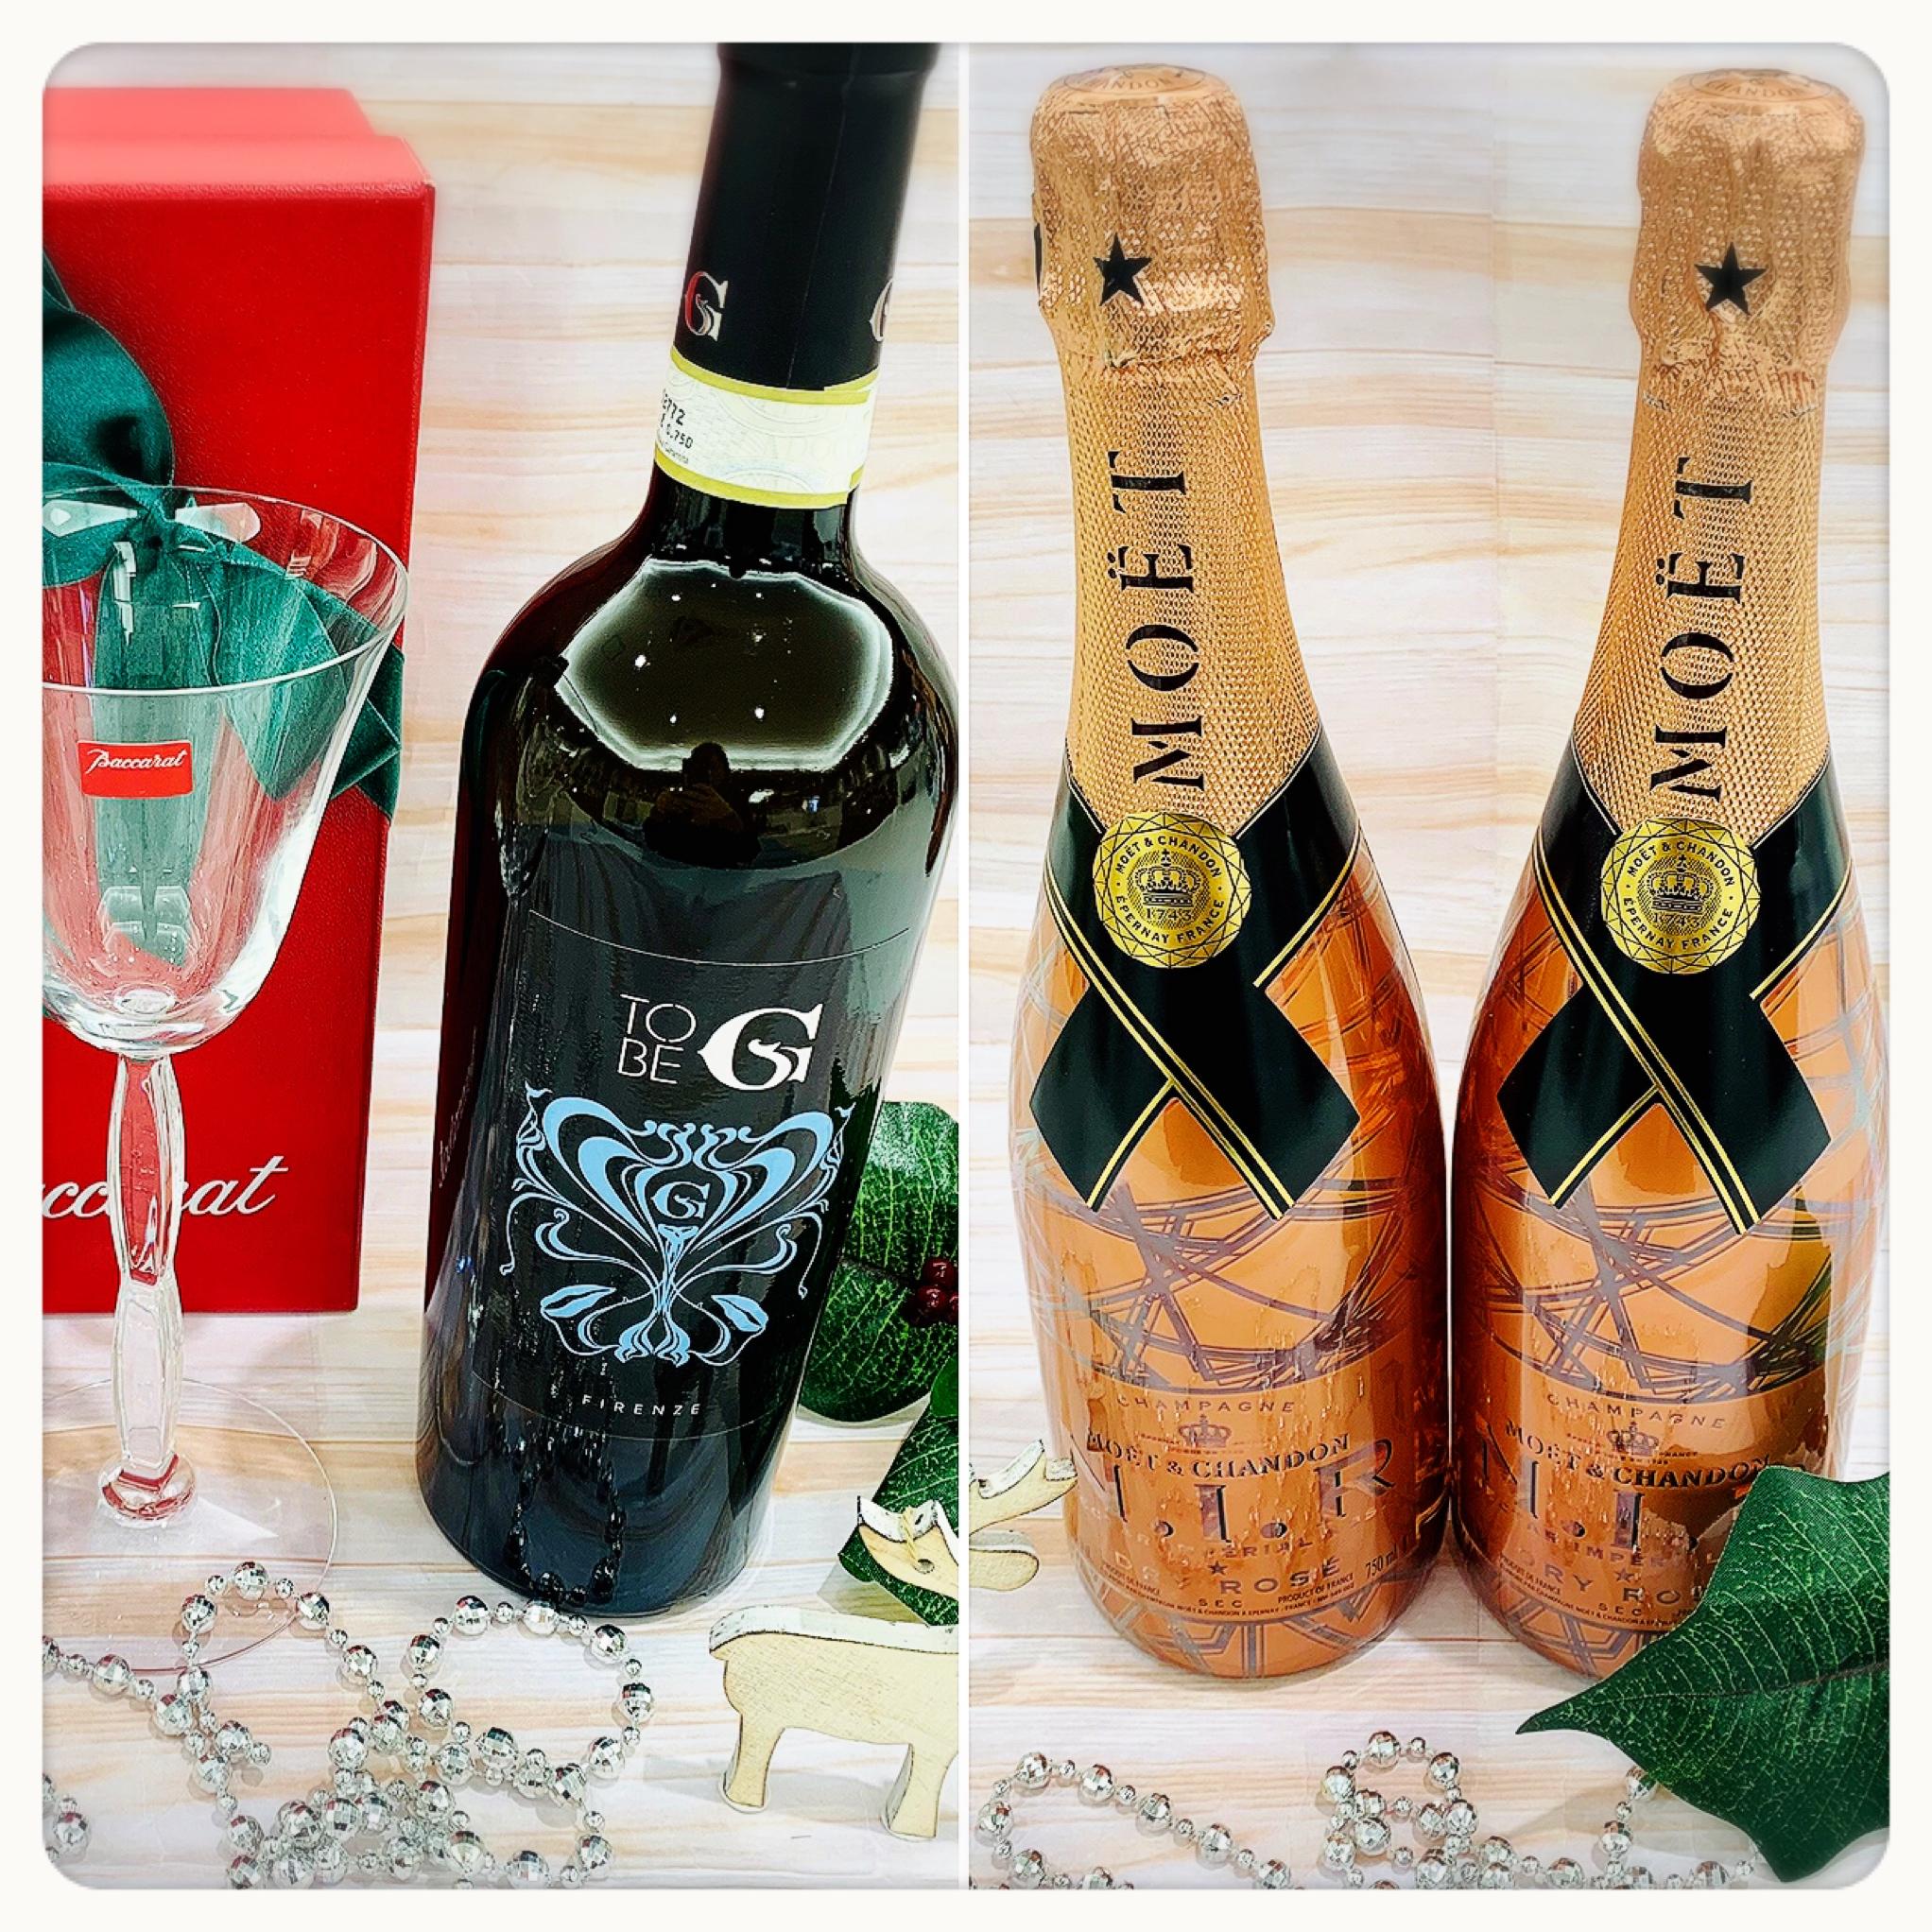 【ブランド 販売 盛岡】クリスマスまで2週間♡クリスマス気分を盛り上げてくれるお酒&グラスでお家クリスマスを楽しみませんか?